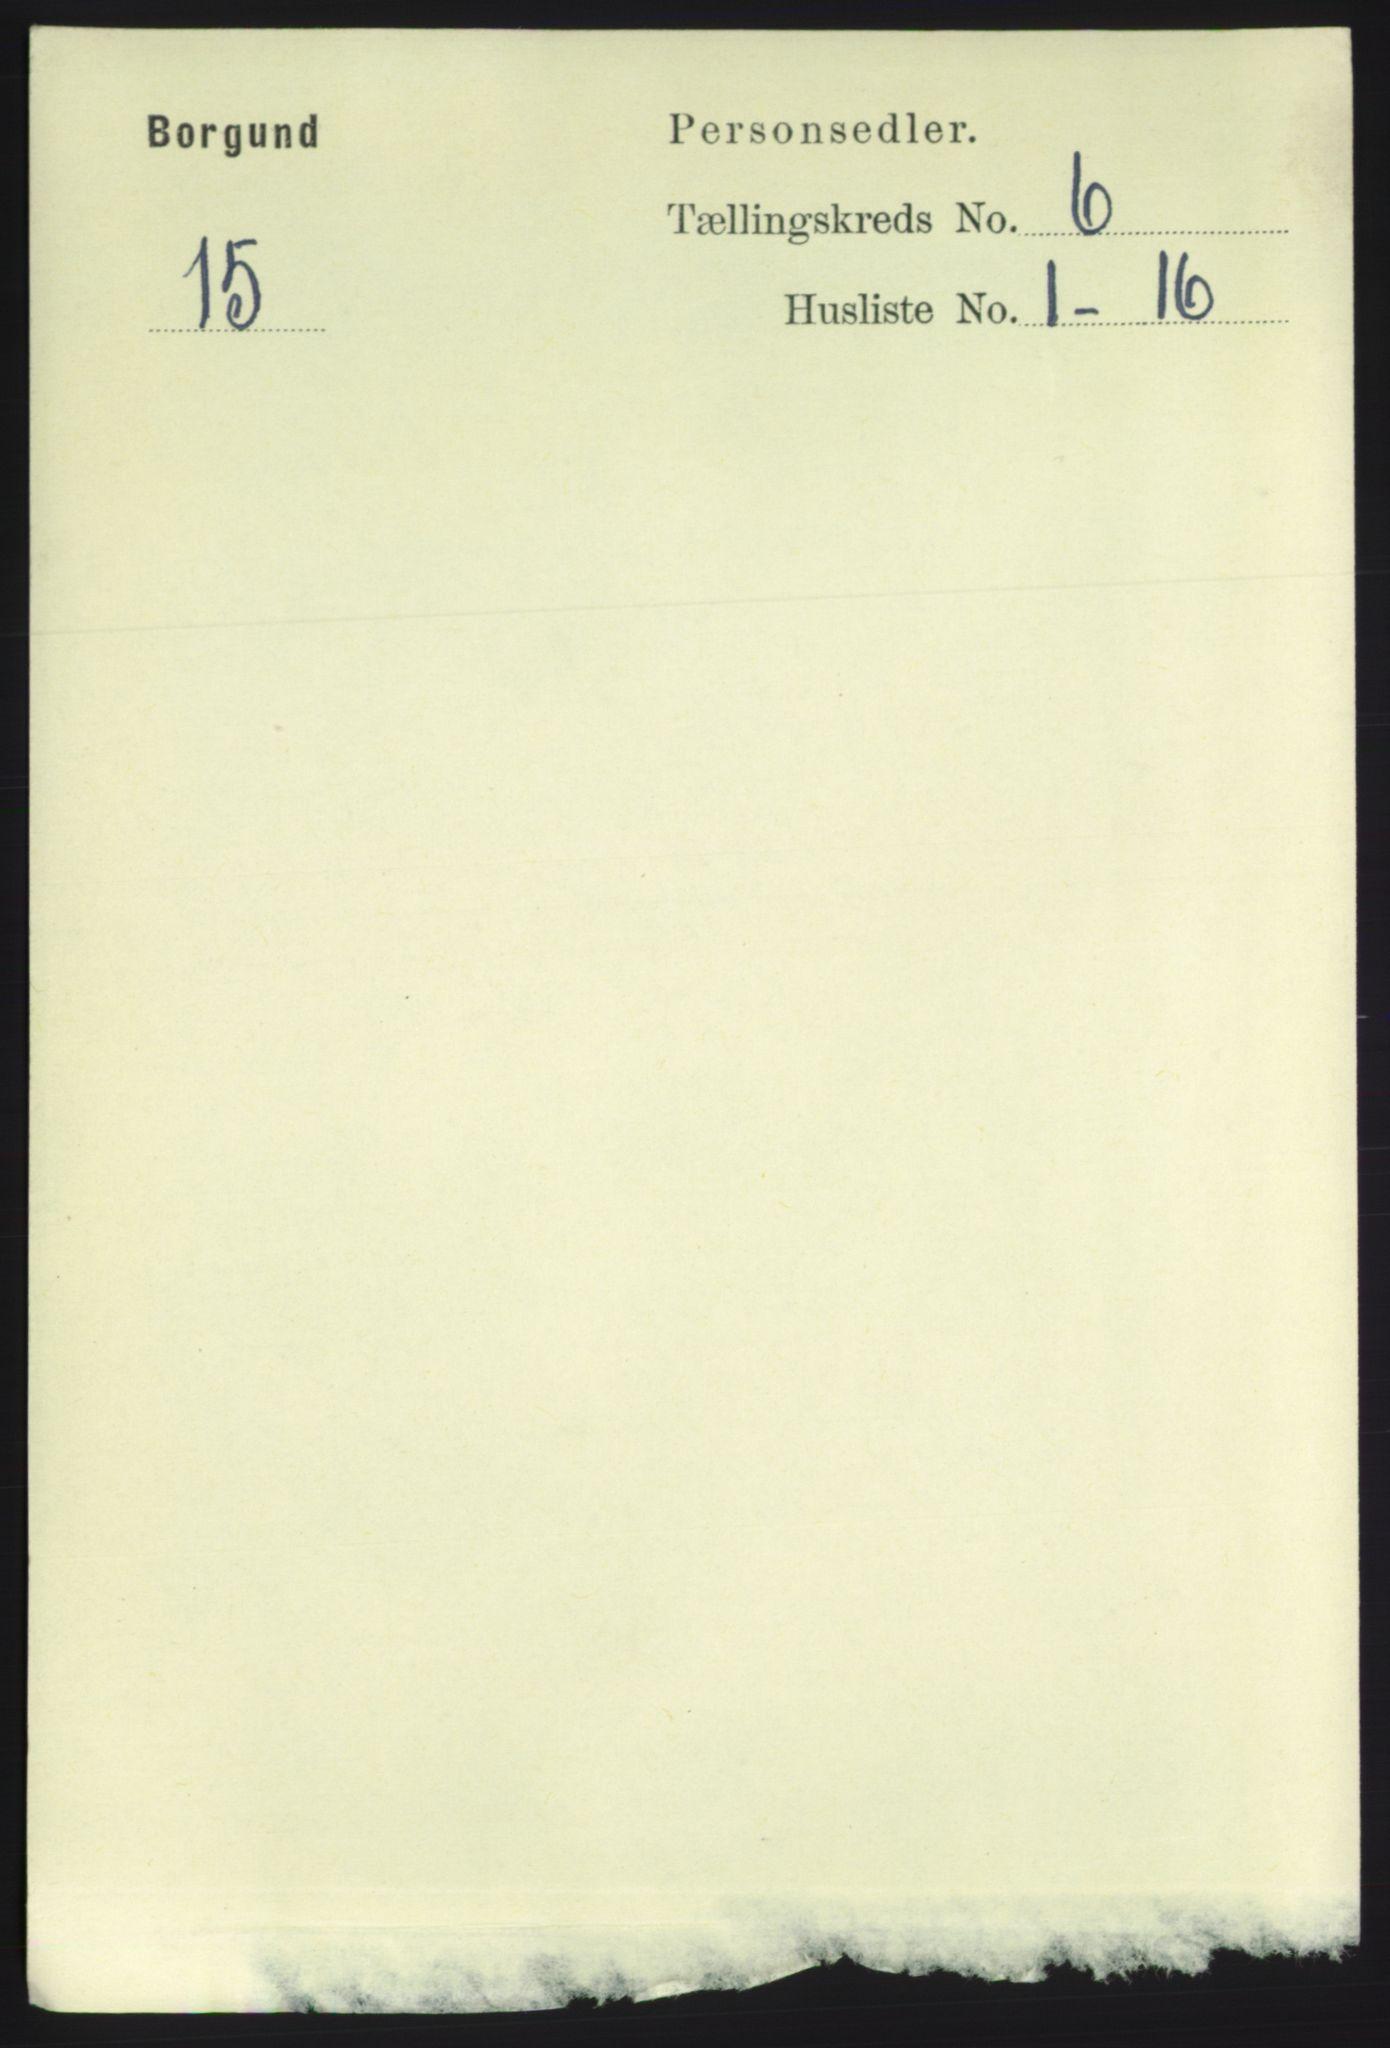 RA, Folketelling 1891 for 1531 Borgund herred, 1891, s. 1569